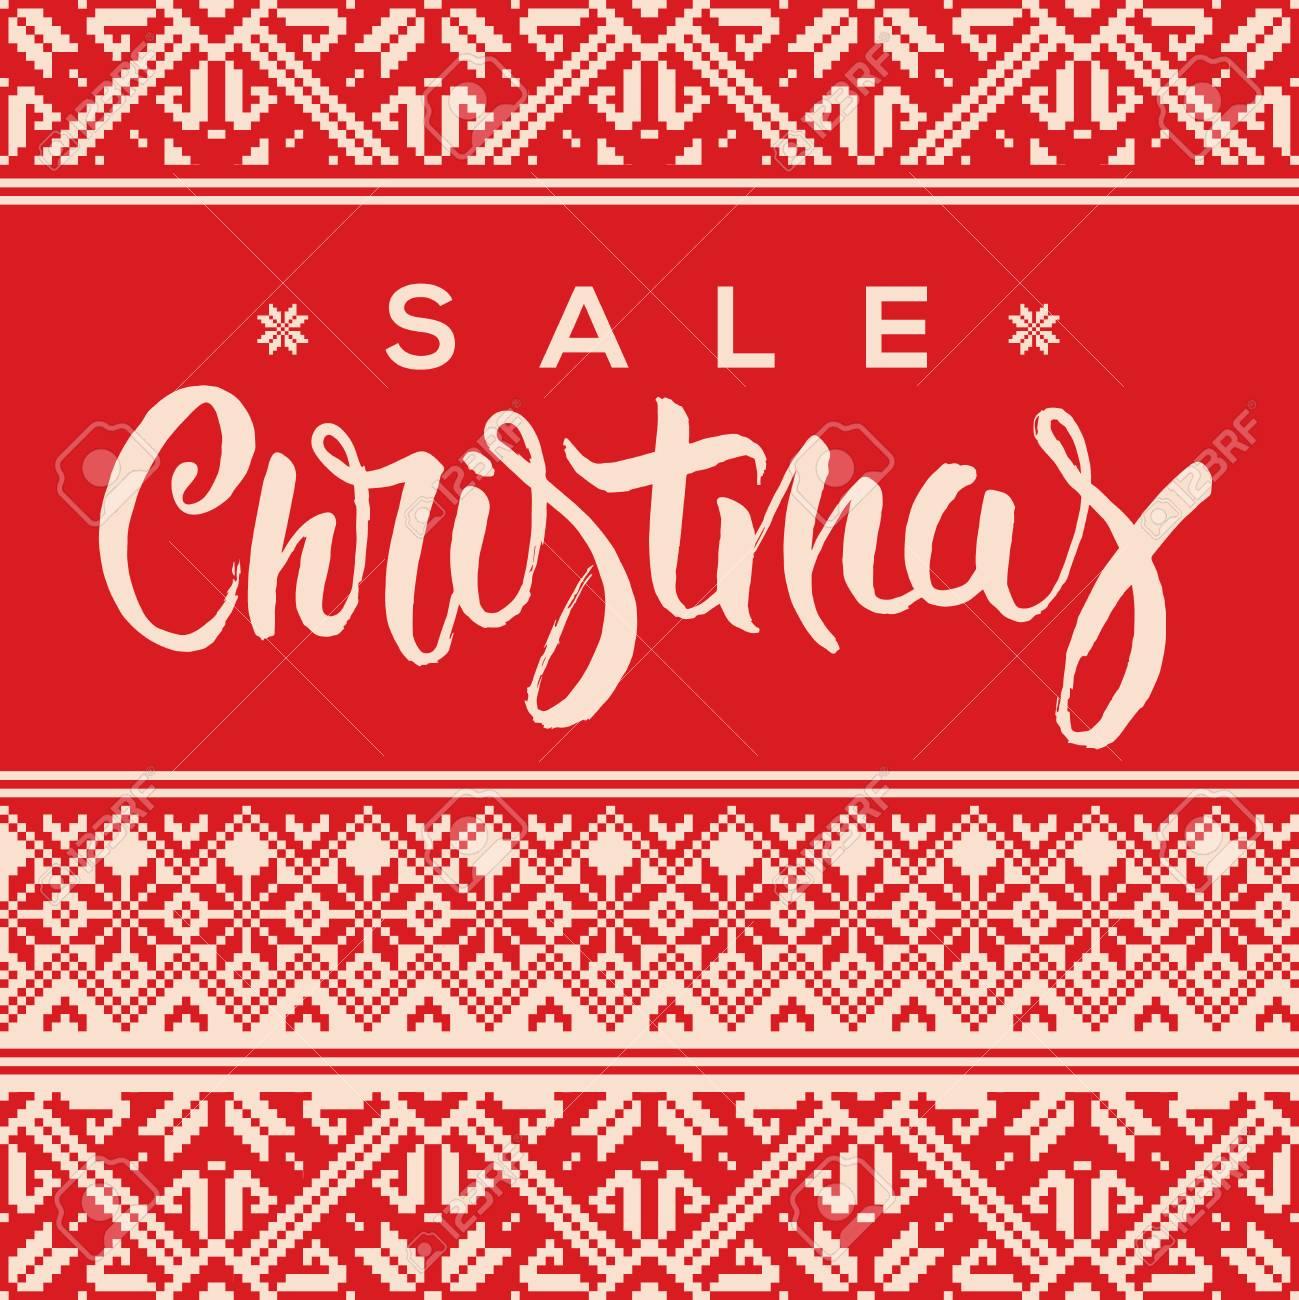 Weihnachtsverkaufshintergrund, Werbe-Plakat Für Weihnachtsverkauf ...